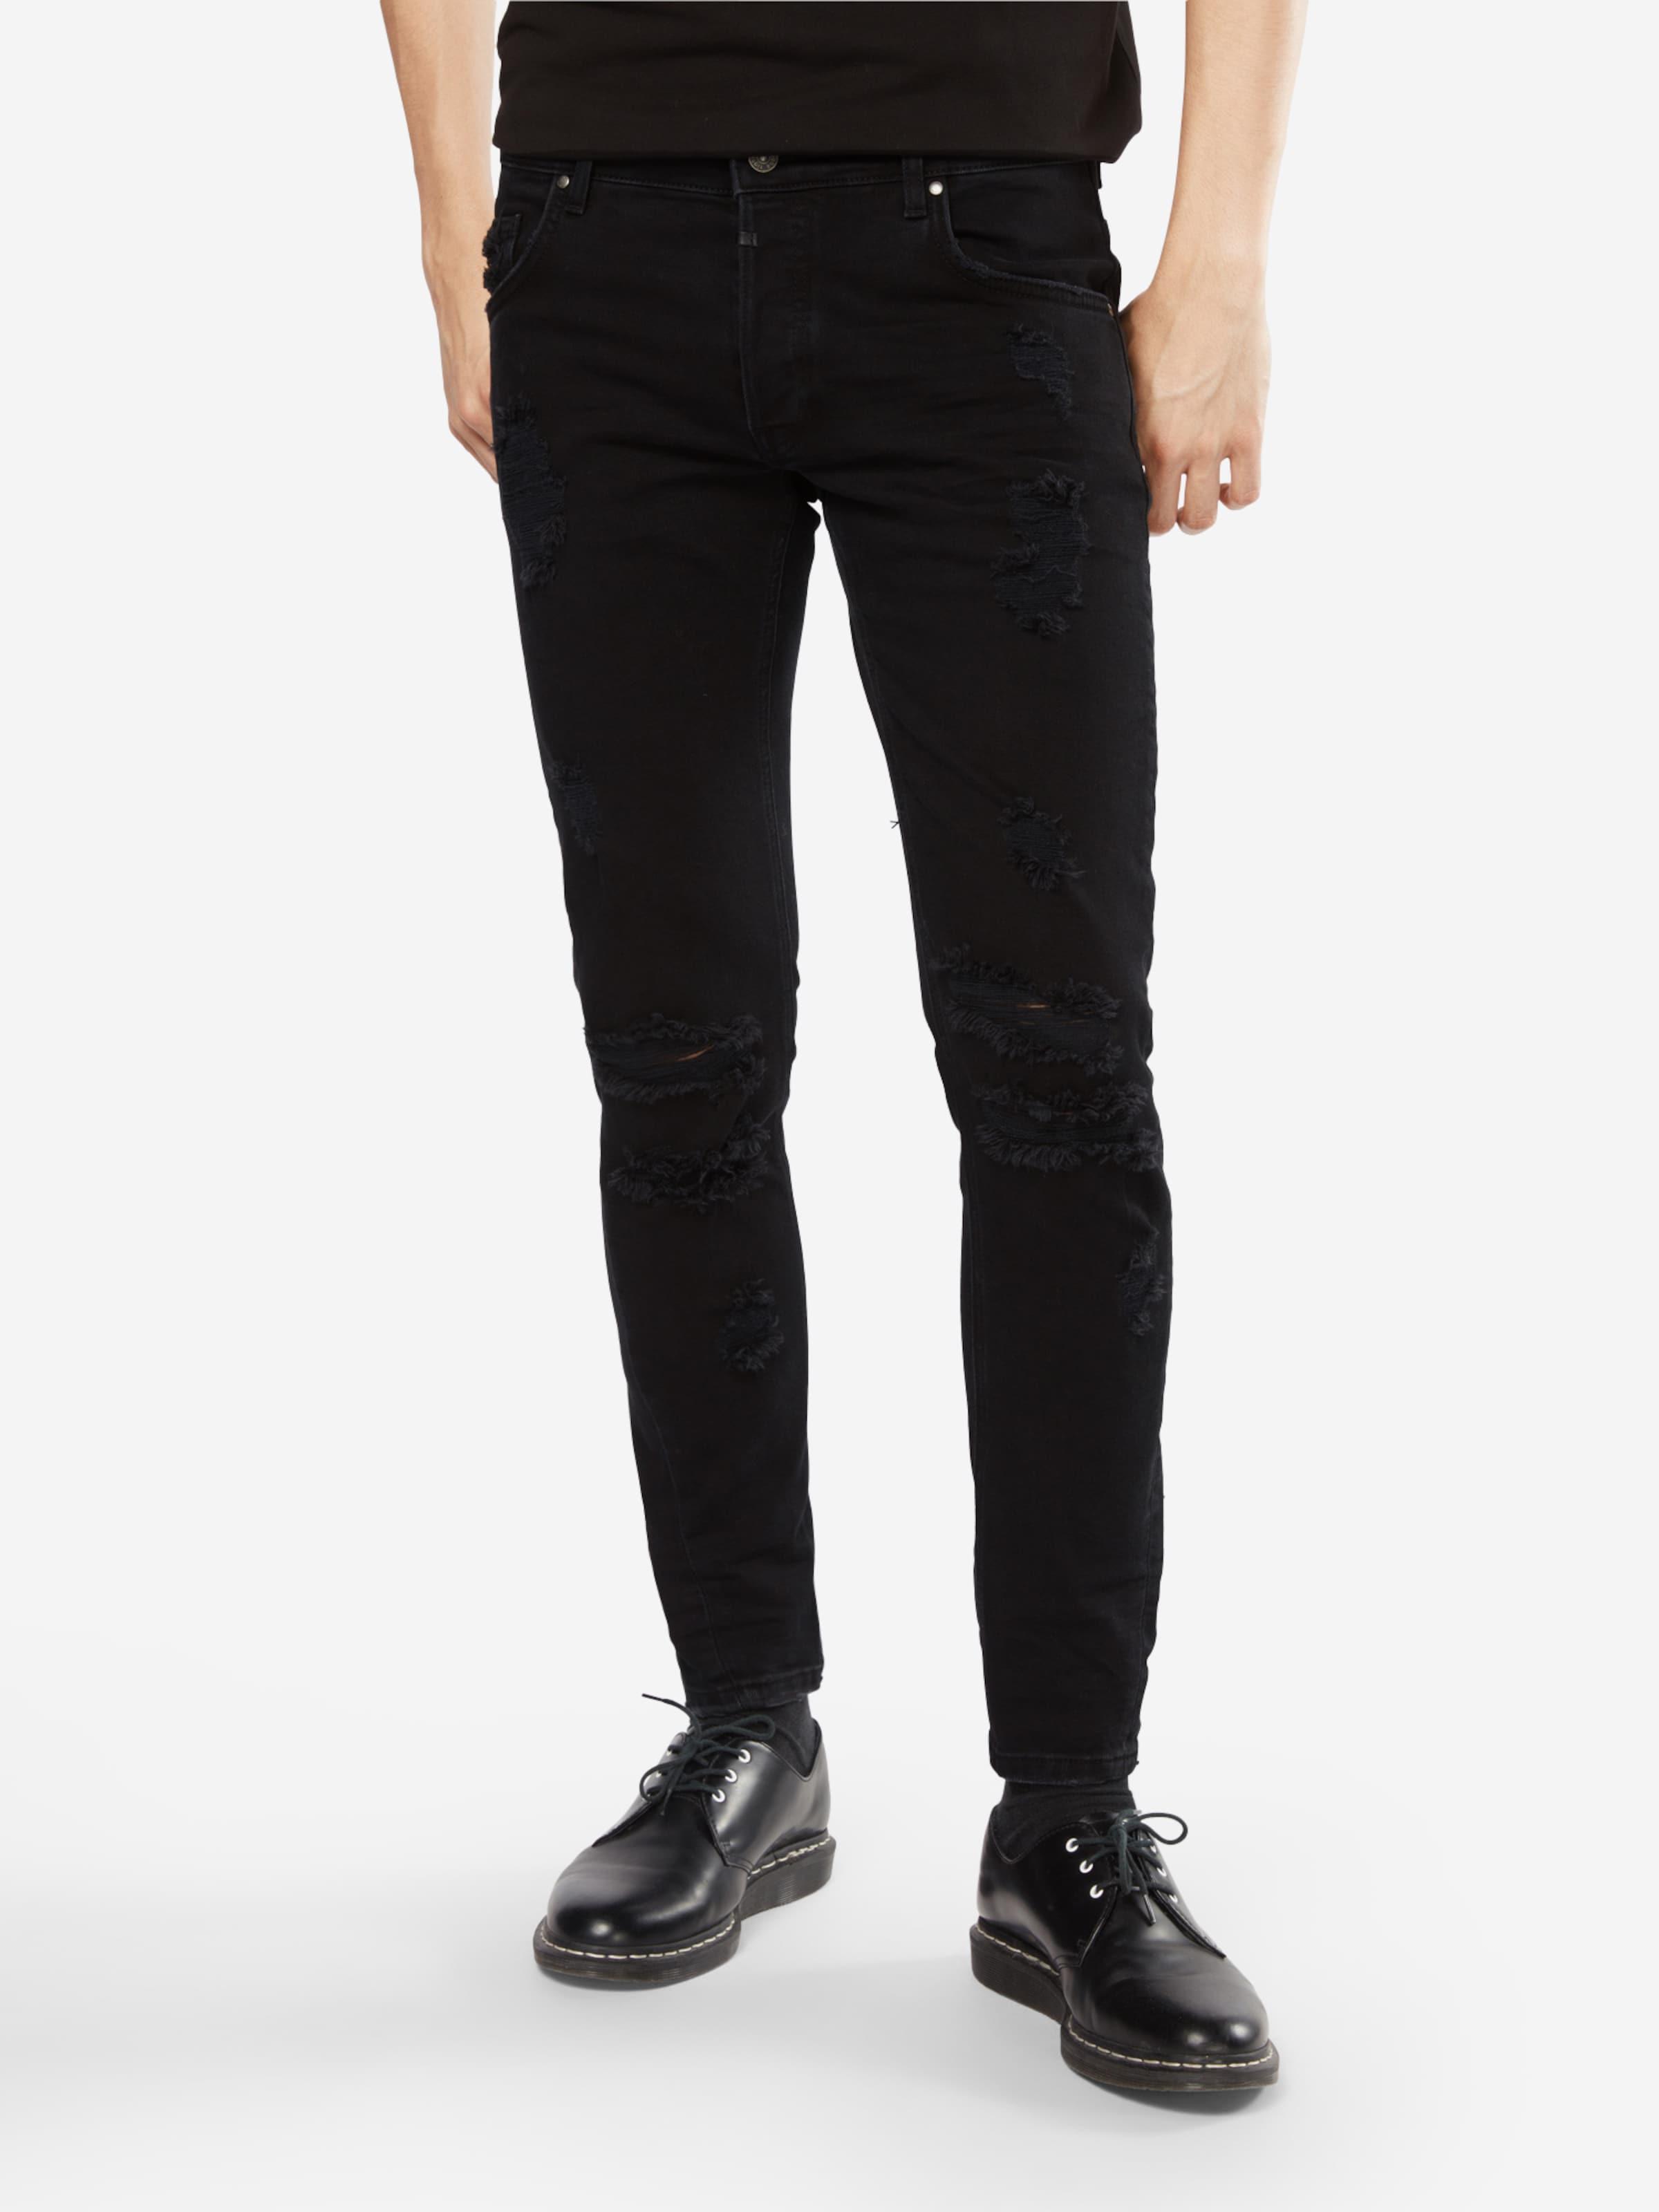 Günstig Kaufen Neue Stile tigha Skinny Jeans mit used Details 'Billy the kid' Bester Lieferant Billig Neueste Günstig Online Niedrige Versandgebühr Verkauf Online LIdQp